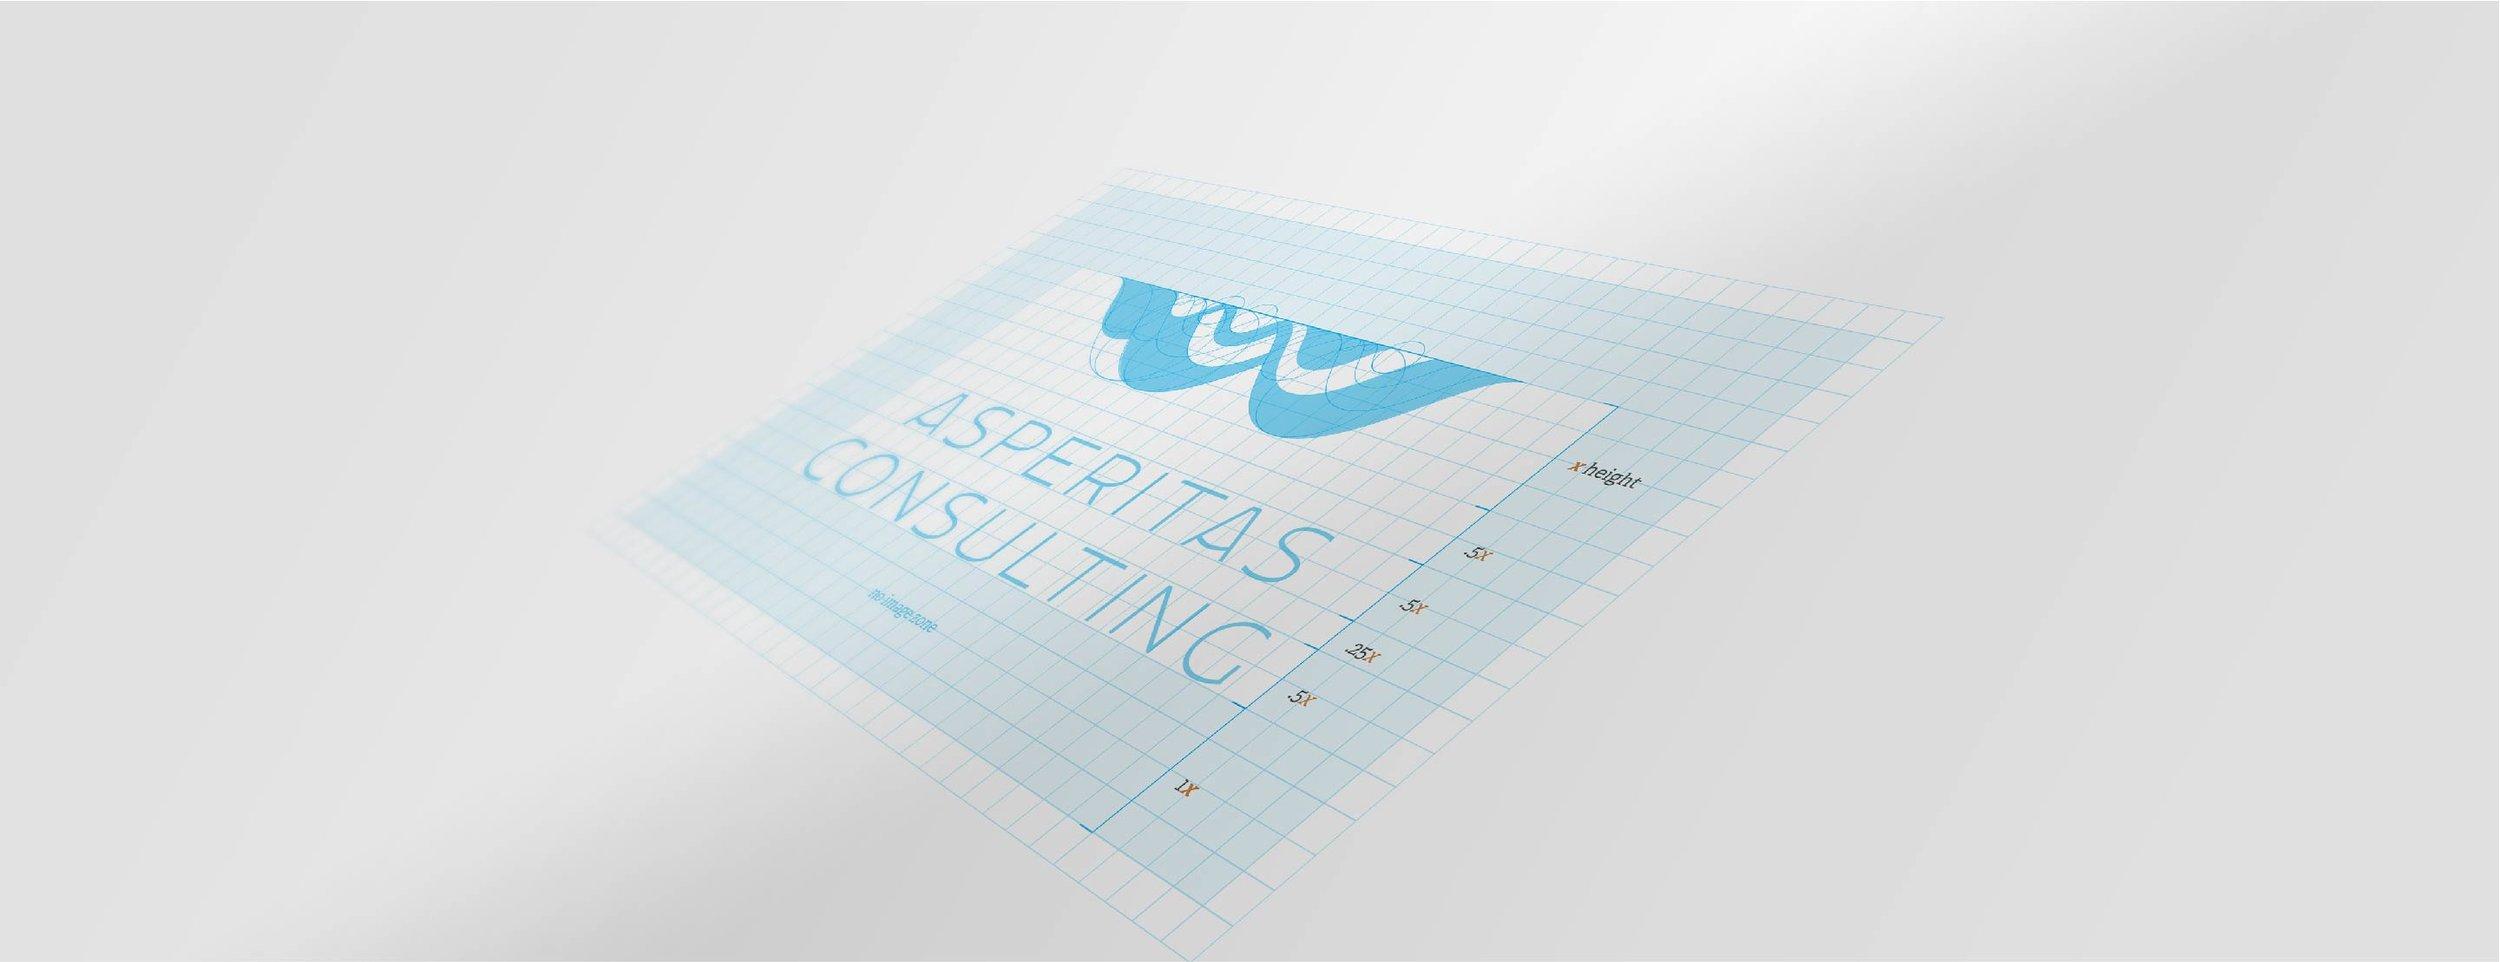 logo evolution 4 Asperitas cloud sercurity storage consulting brand logo stationary graphic design.jpg